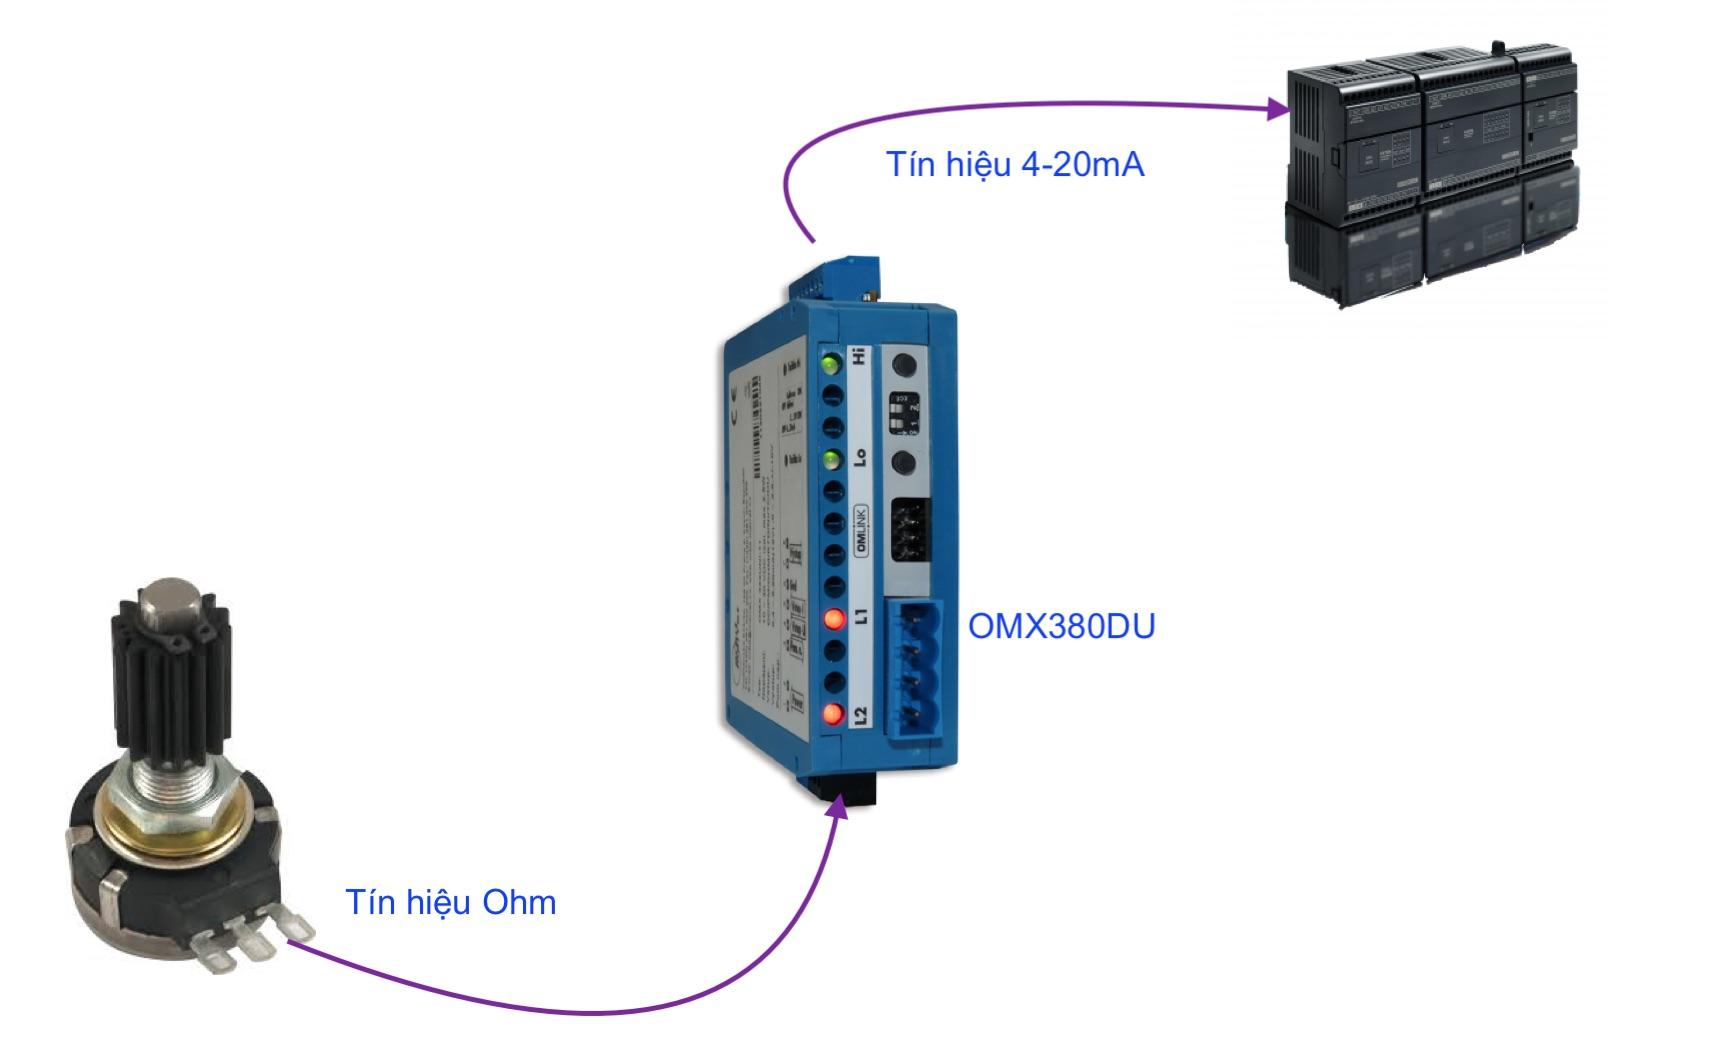 Bộ chuyển đổi điện trở sang 4-20mA hay 0-10v